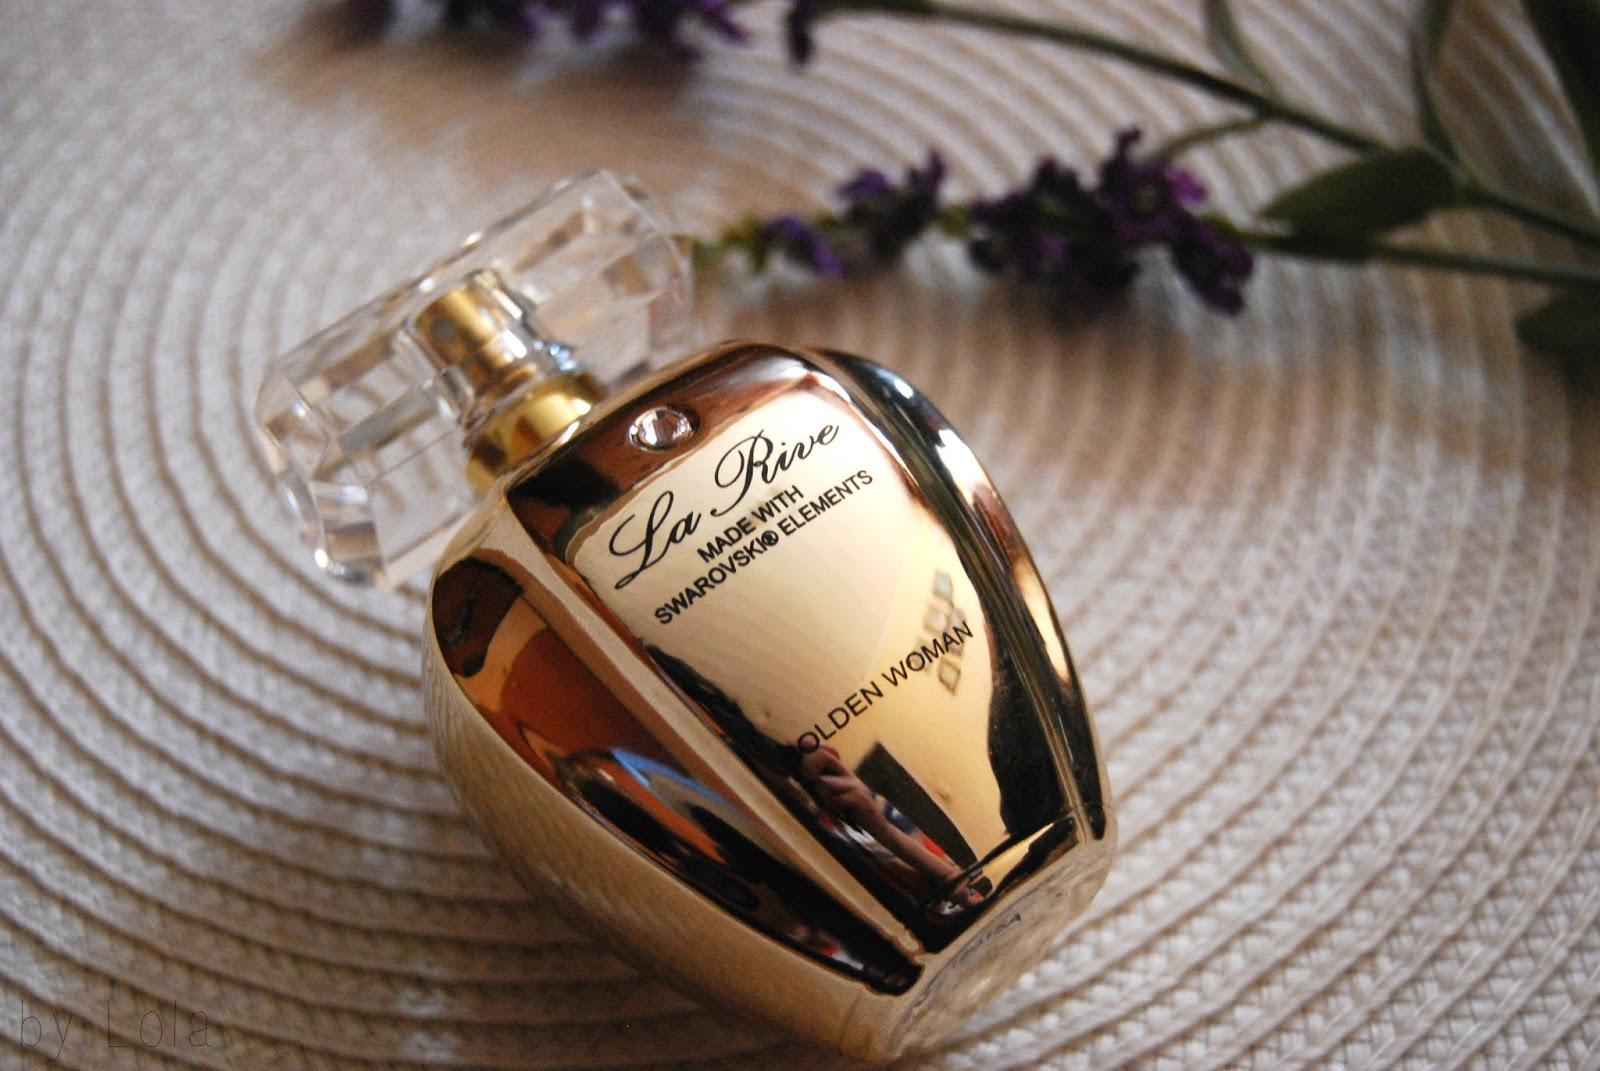 La Rive, Golden Woman, Swarovski, perfum, woda toaletowa, zapach, tani, dobry